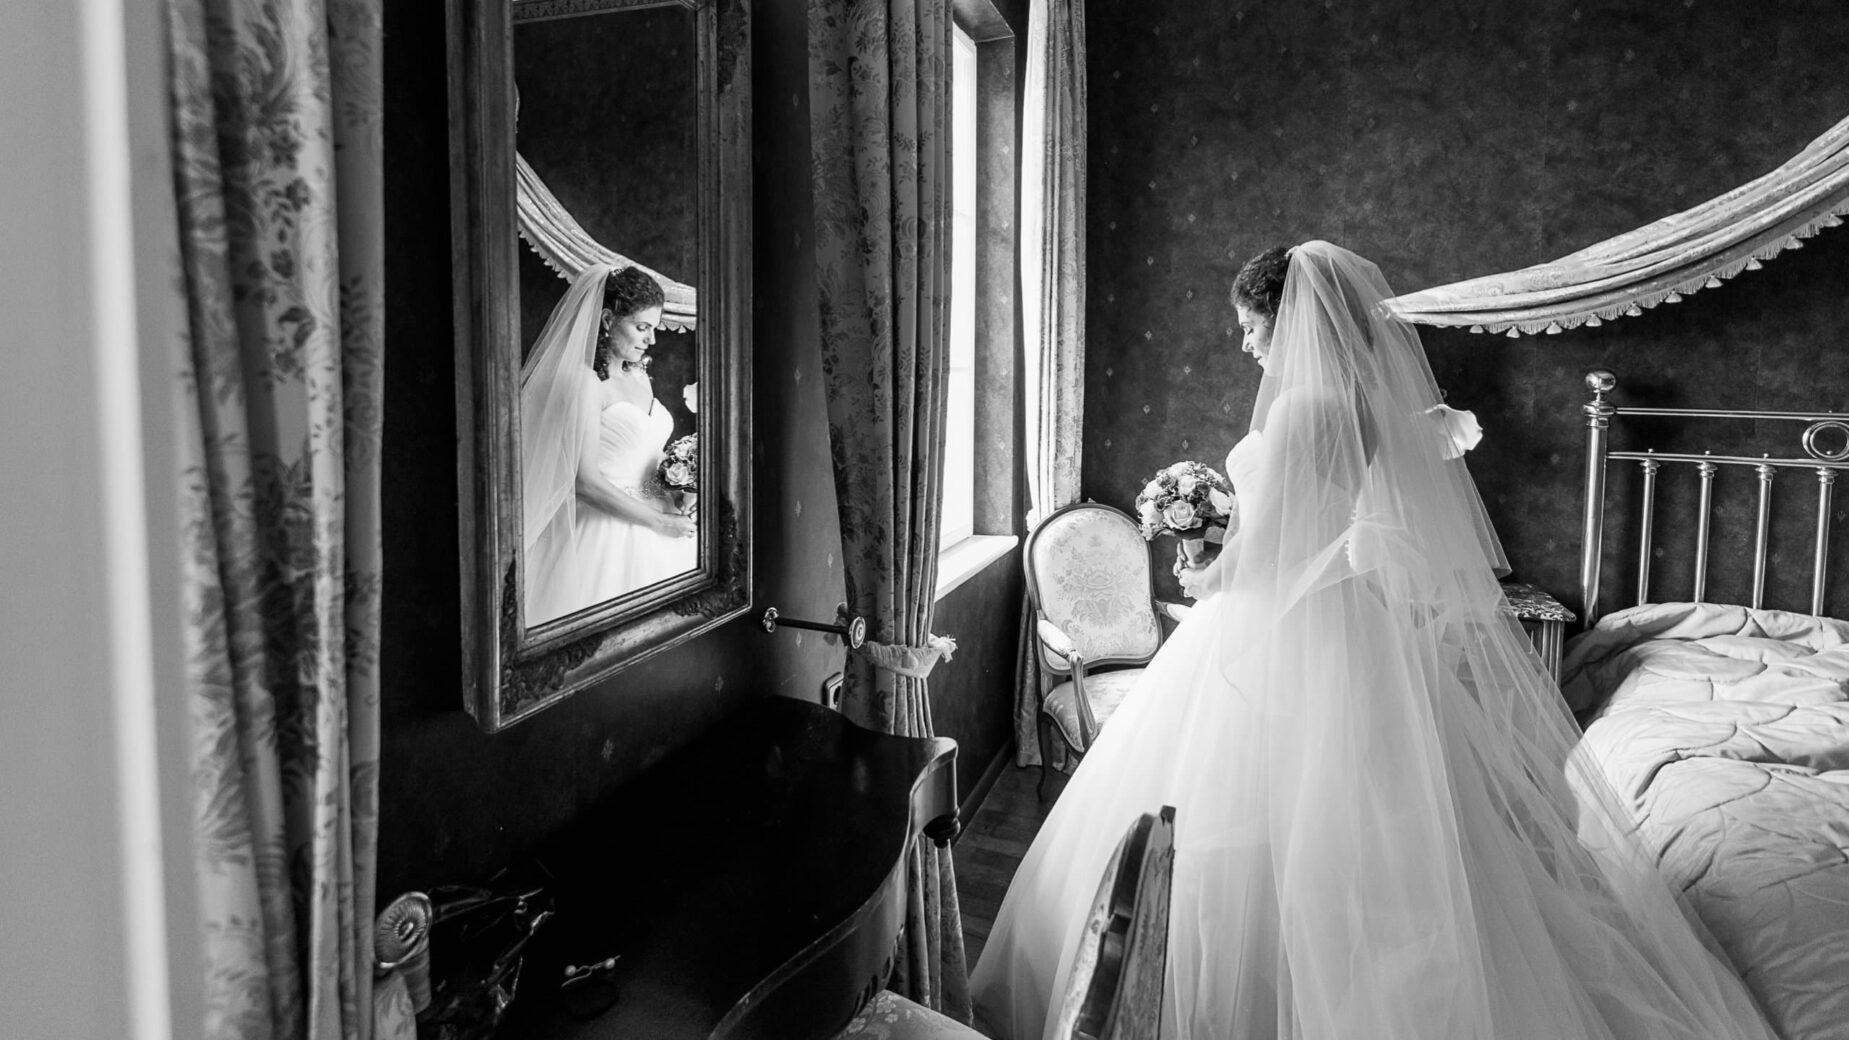 Braut in Kleid vor Fenster in Schwarz-Weiß